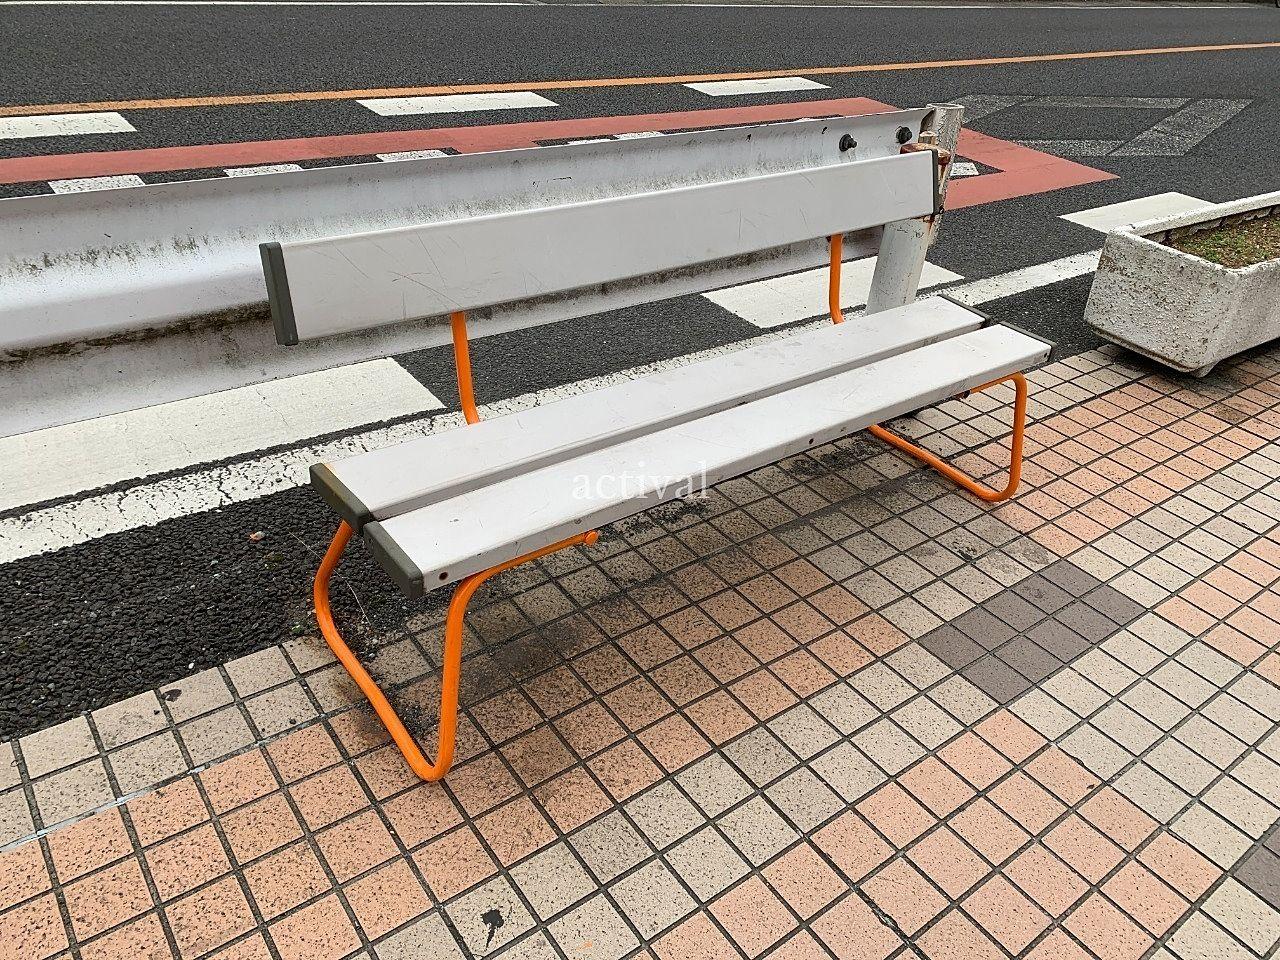 ア・ス・ヴェルデのベンチ脚を塗装しました!! ~テナントビルのオーナー業務㊵~